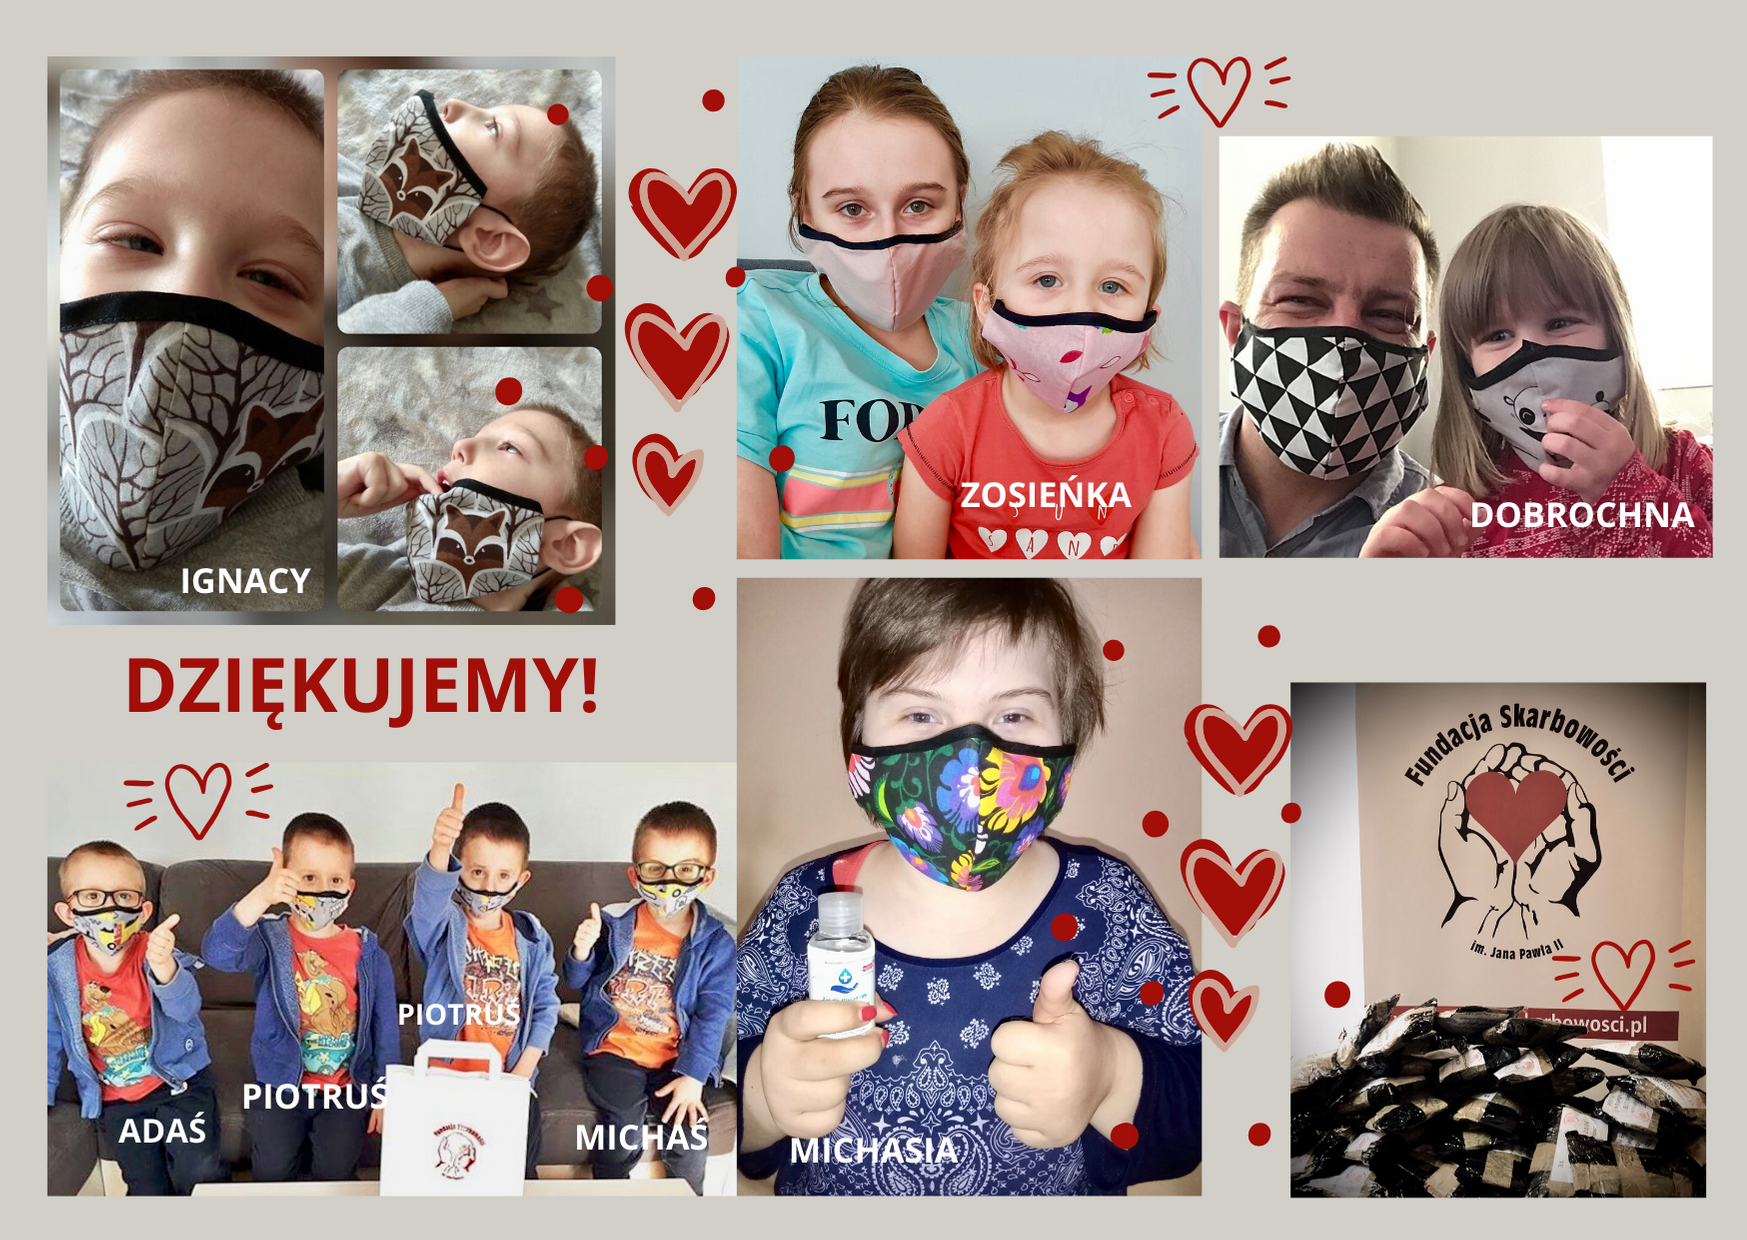 Już ponad 9 tys. zł na maski, żele i przyłbice dla Podopiecznych Fundacji! Dziękujemy!